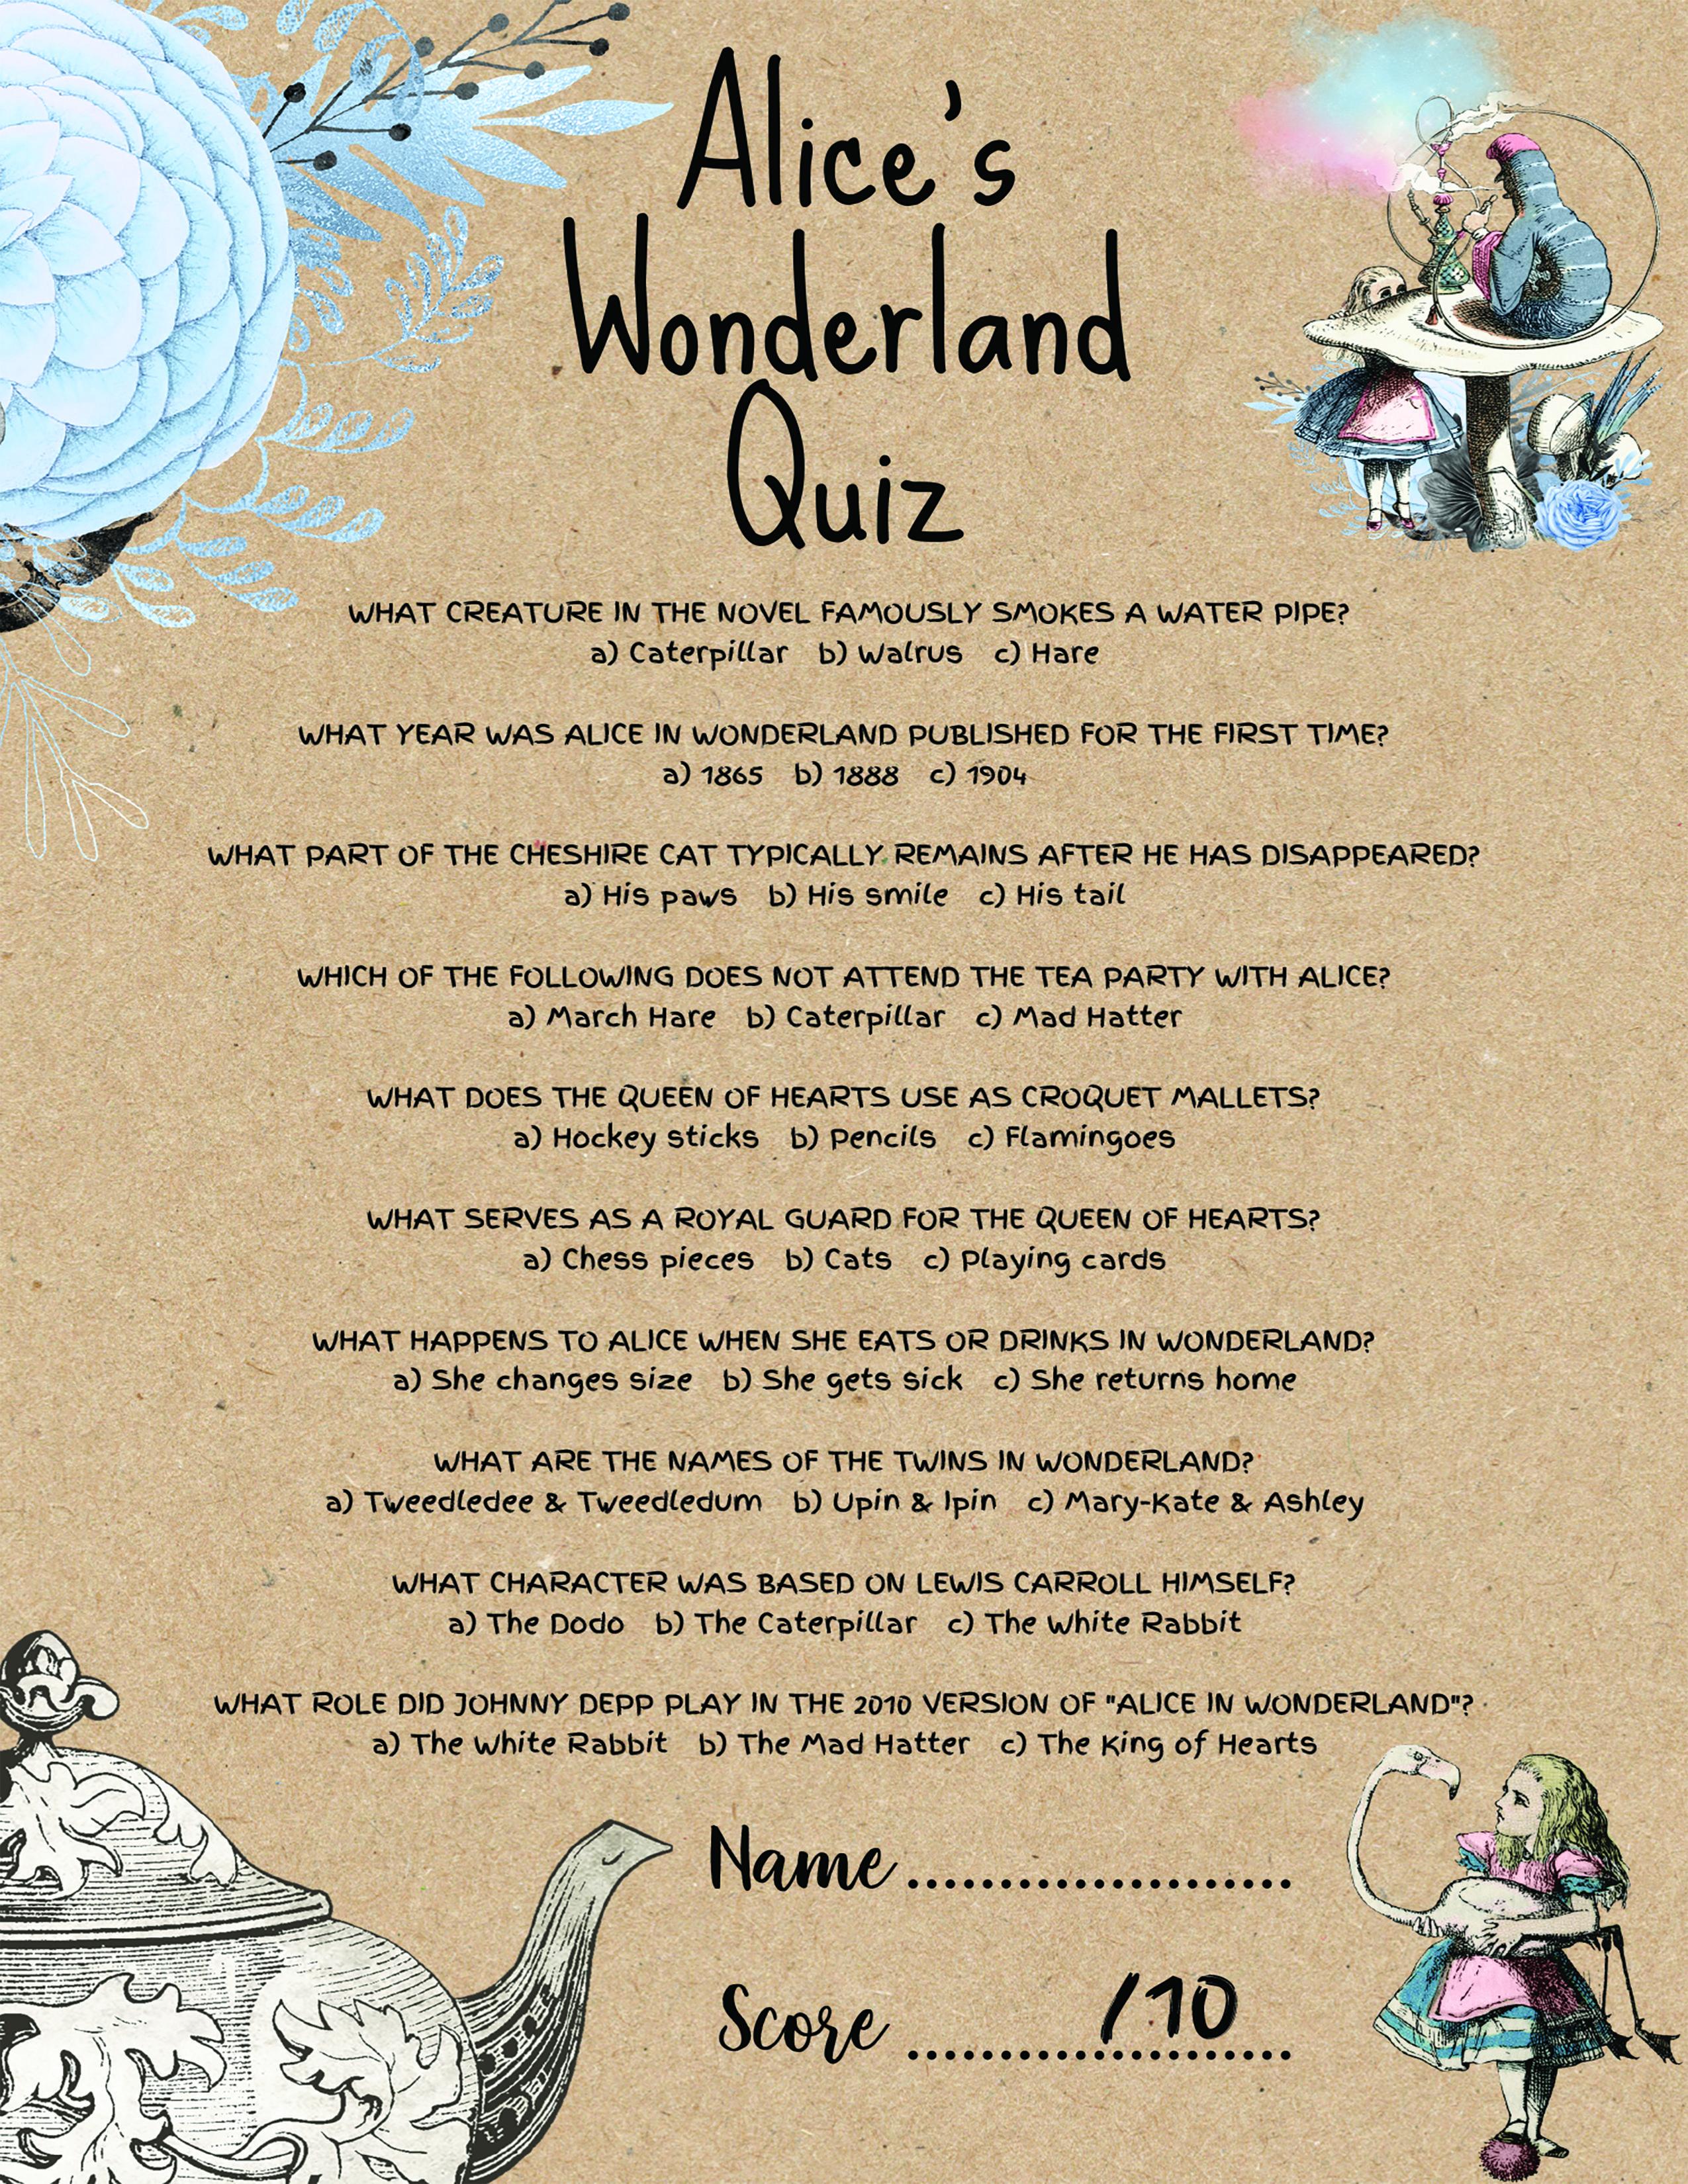 Wonderland Theme Bridal Shower Games Alice In Wonderland Etsy Wonderland Party Theme Alice In Wonderland Tea Party Alice In Wonderland Tea Party Birthday